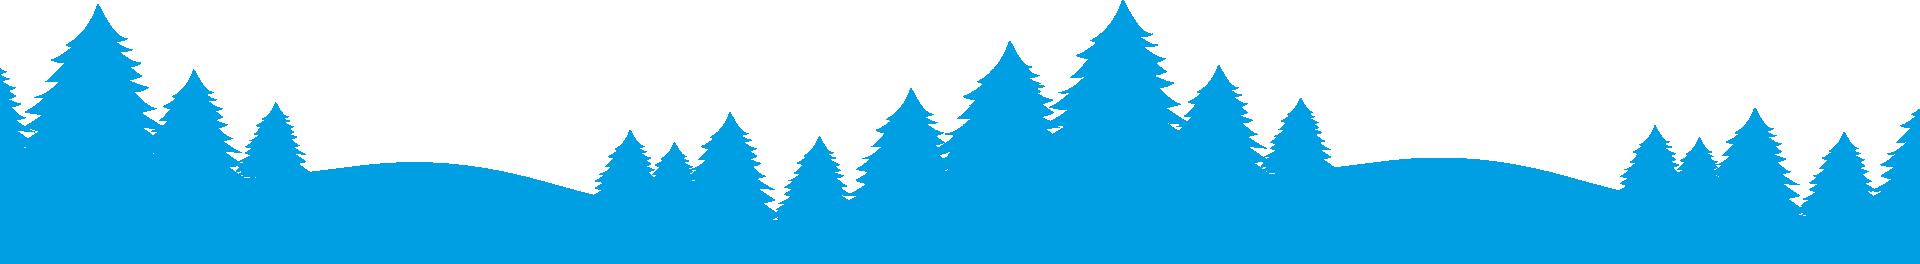 ozdoba drzewa